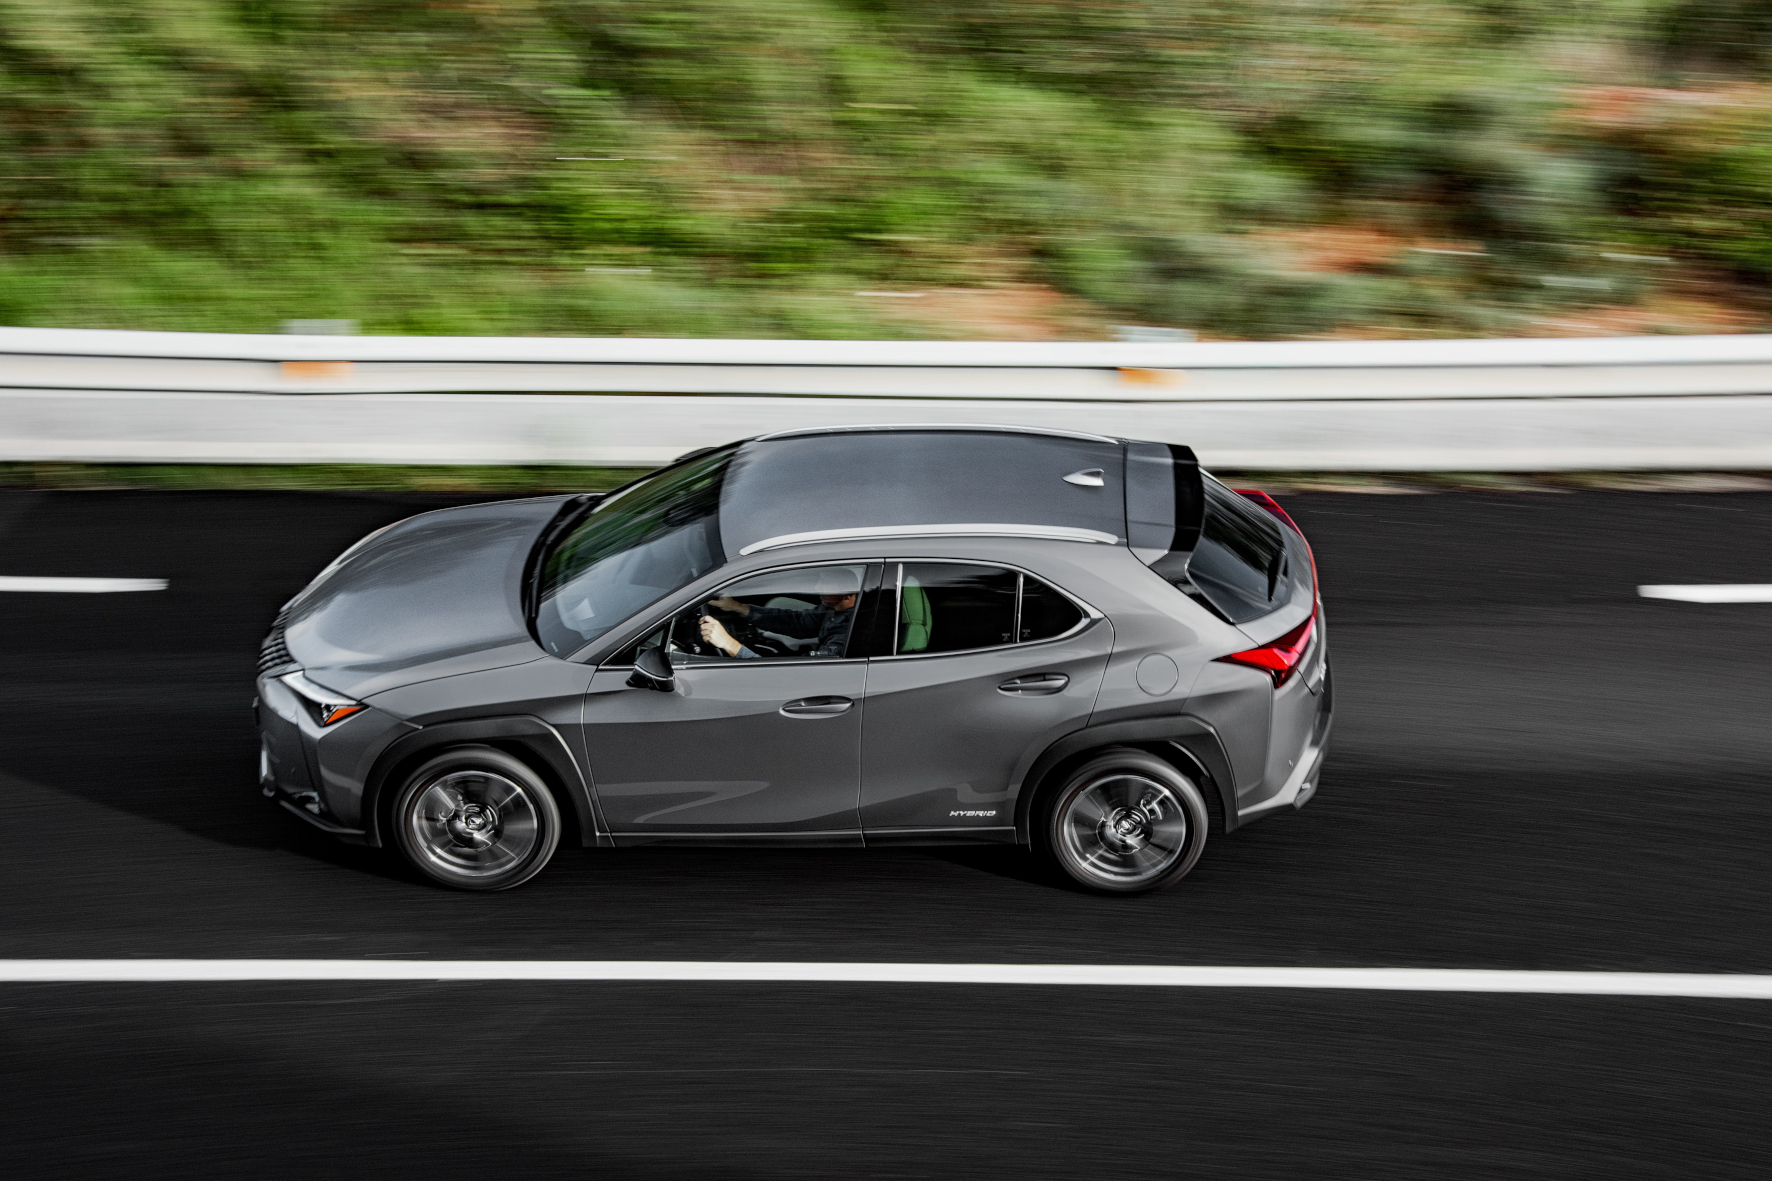 Markant: Die Seitenlinie des Lexus UX wird von kräftigen Sicken und Kanten dominiert.